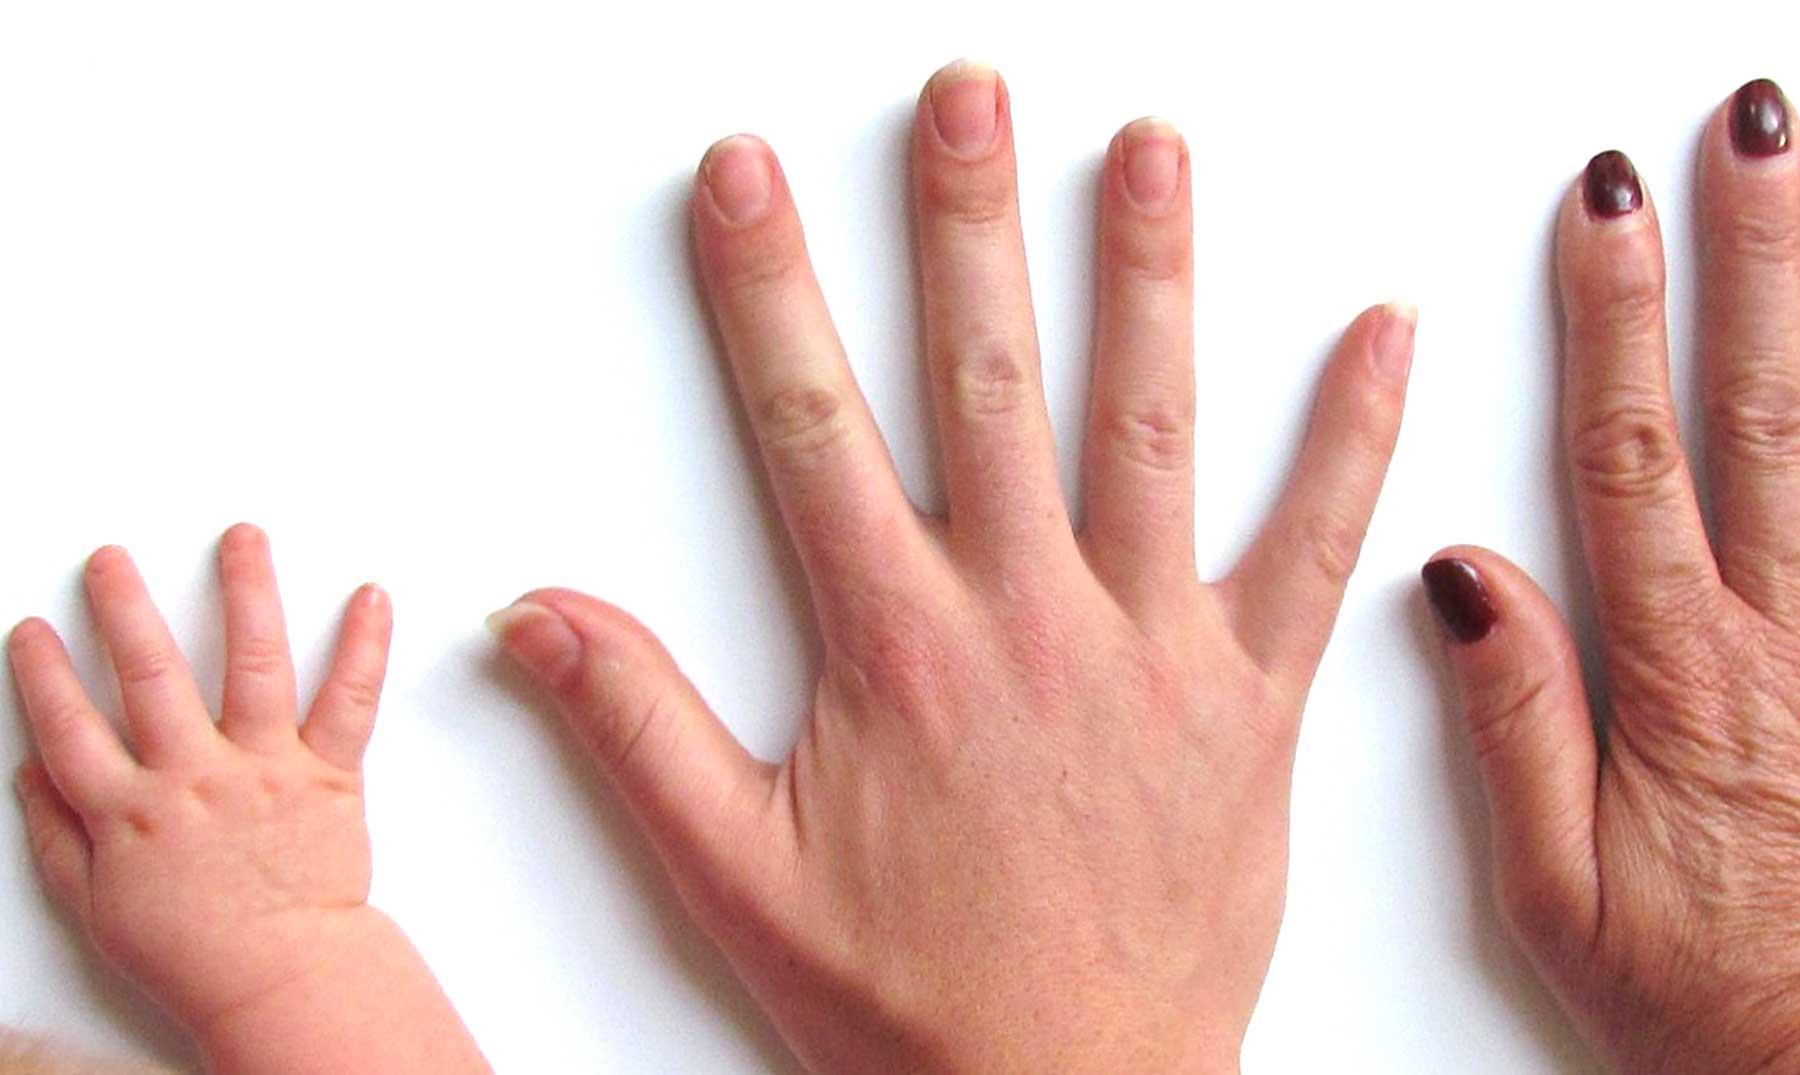 Nuestras maravillosas manos